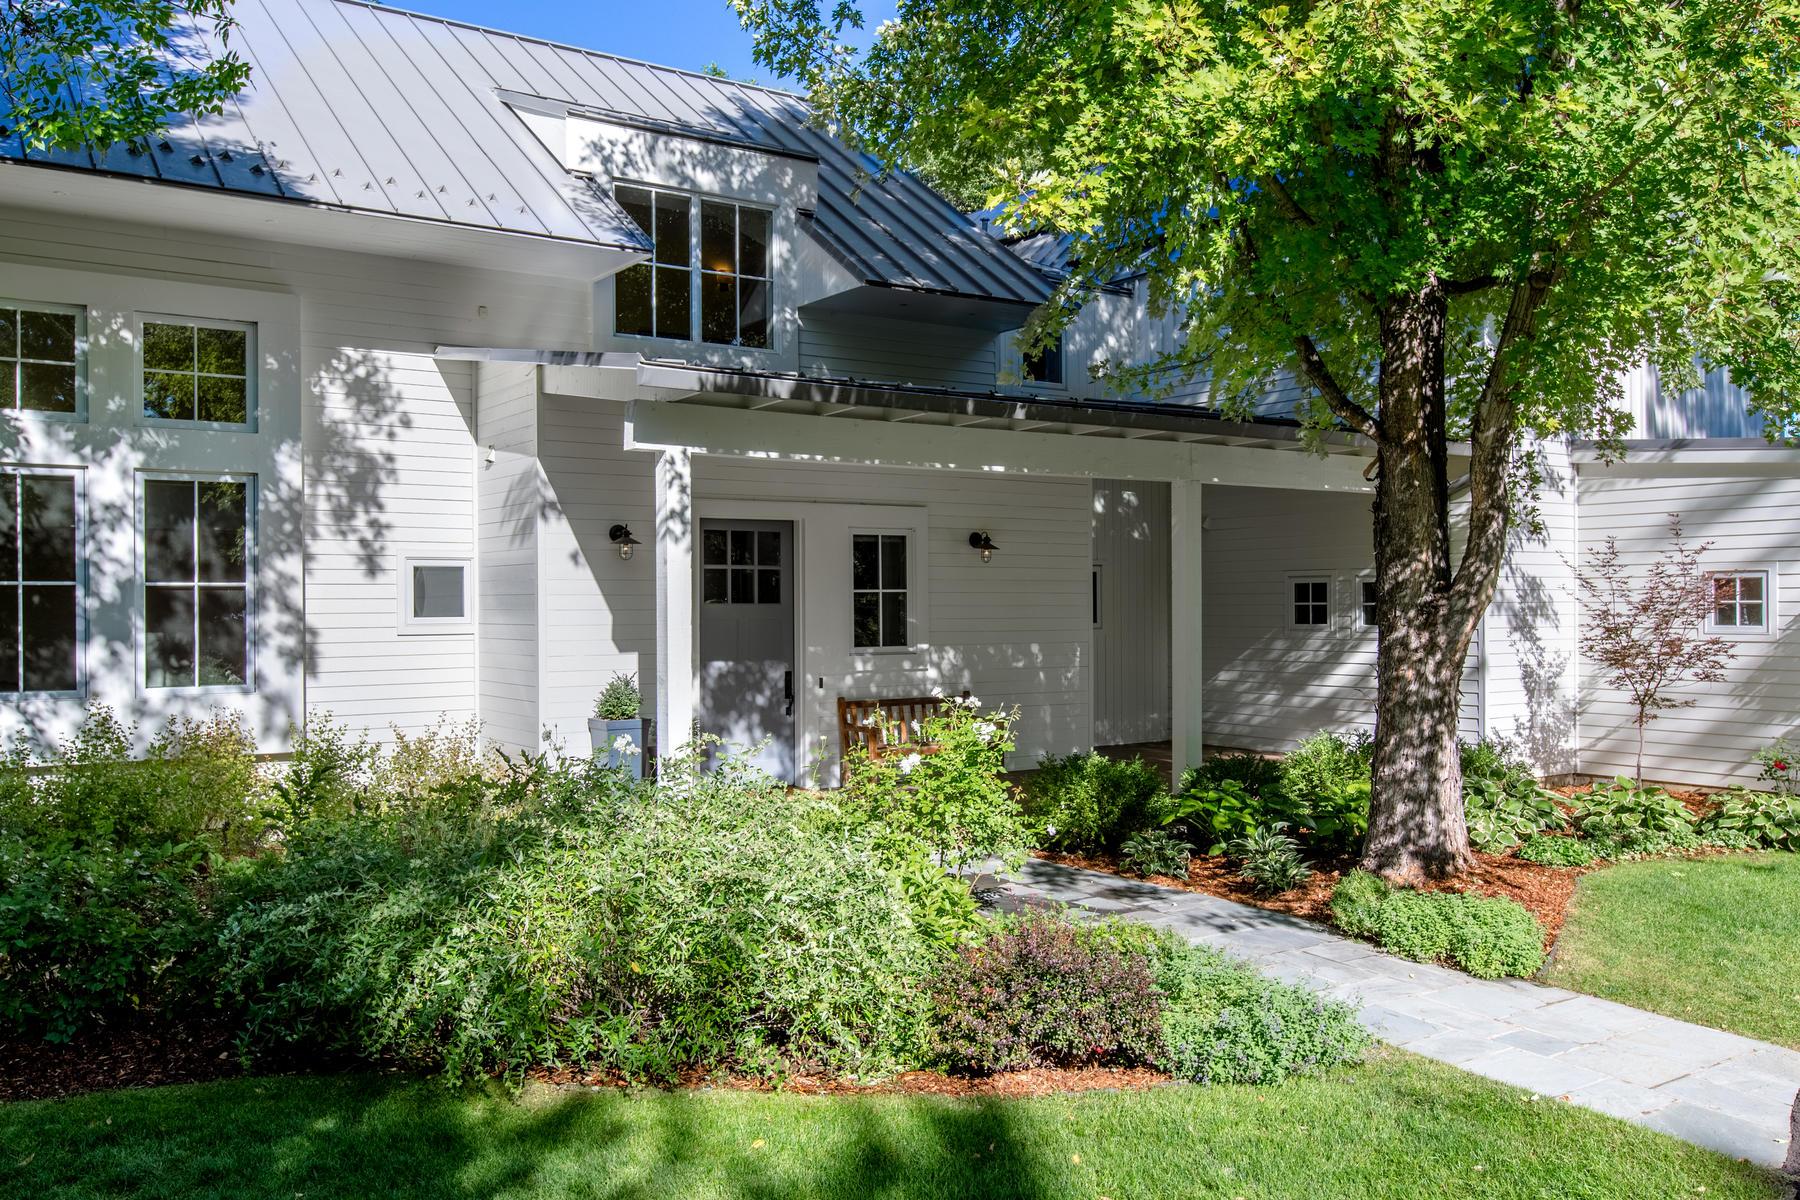 Property por un Venta en Architectural masterpiece! 4685 S Ogden St Cherry Hills Village, Colorado 80113 Estados Unidos